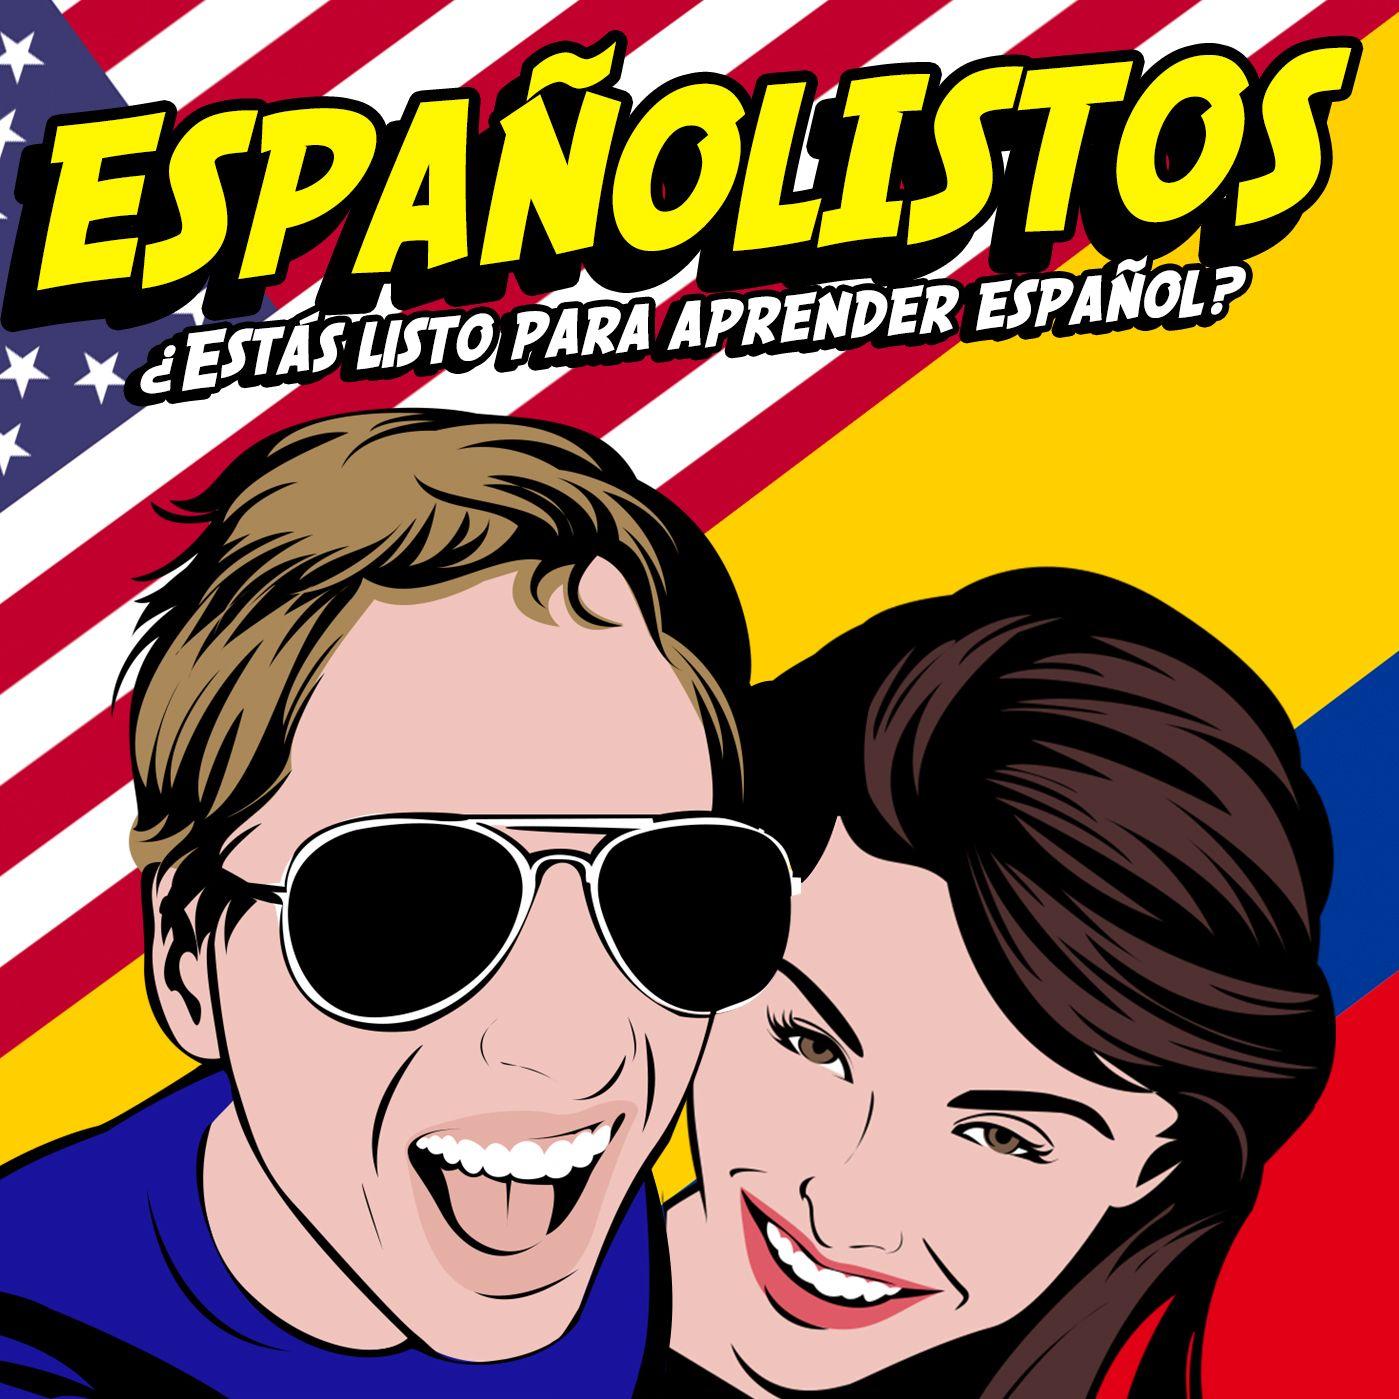 Episodio 111 - Cosas Interesantes de Latinoamérica – 12 Más [Parte 2]